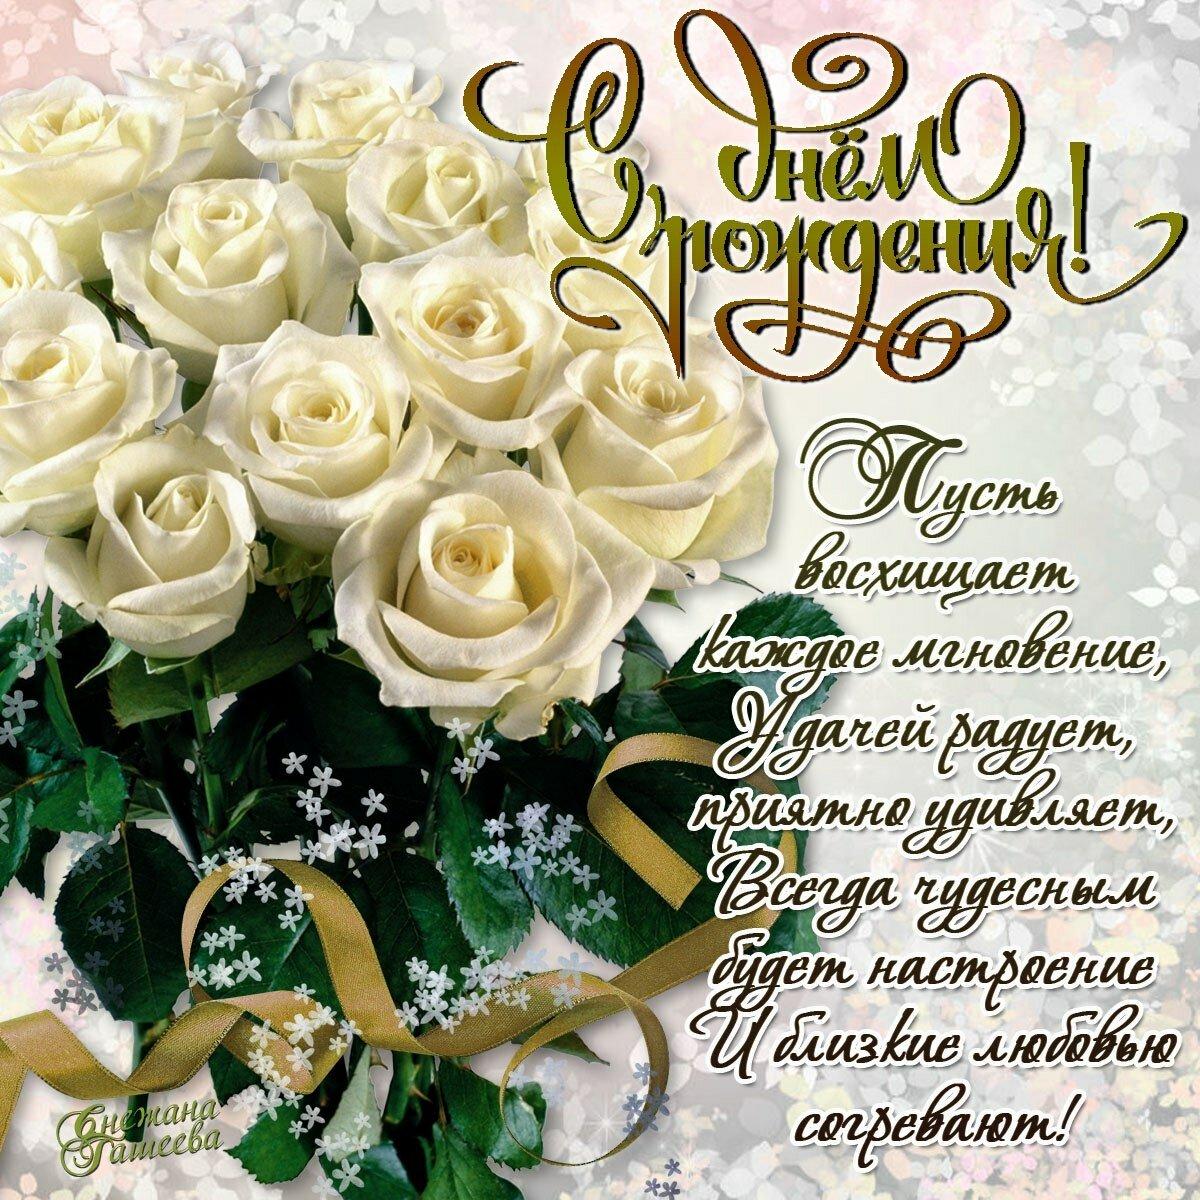 складки поздравления с днем рождения в стихах с юбилеем по датами перед